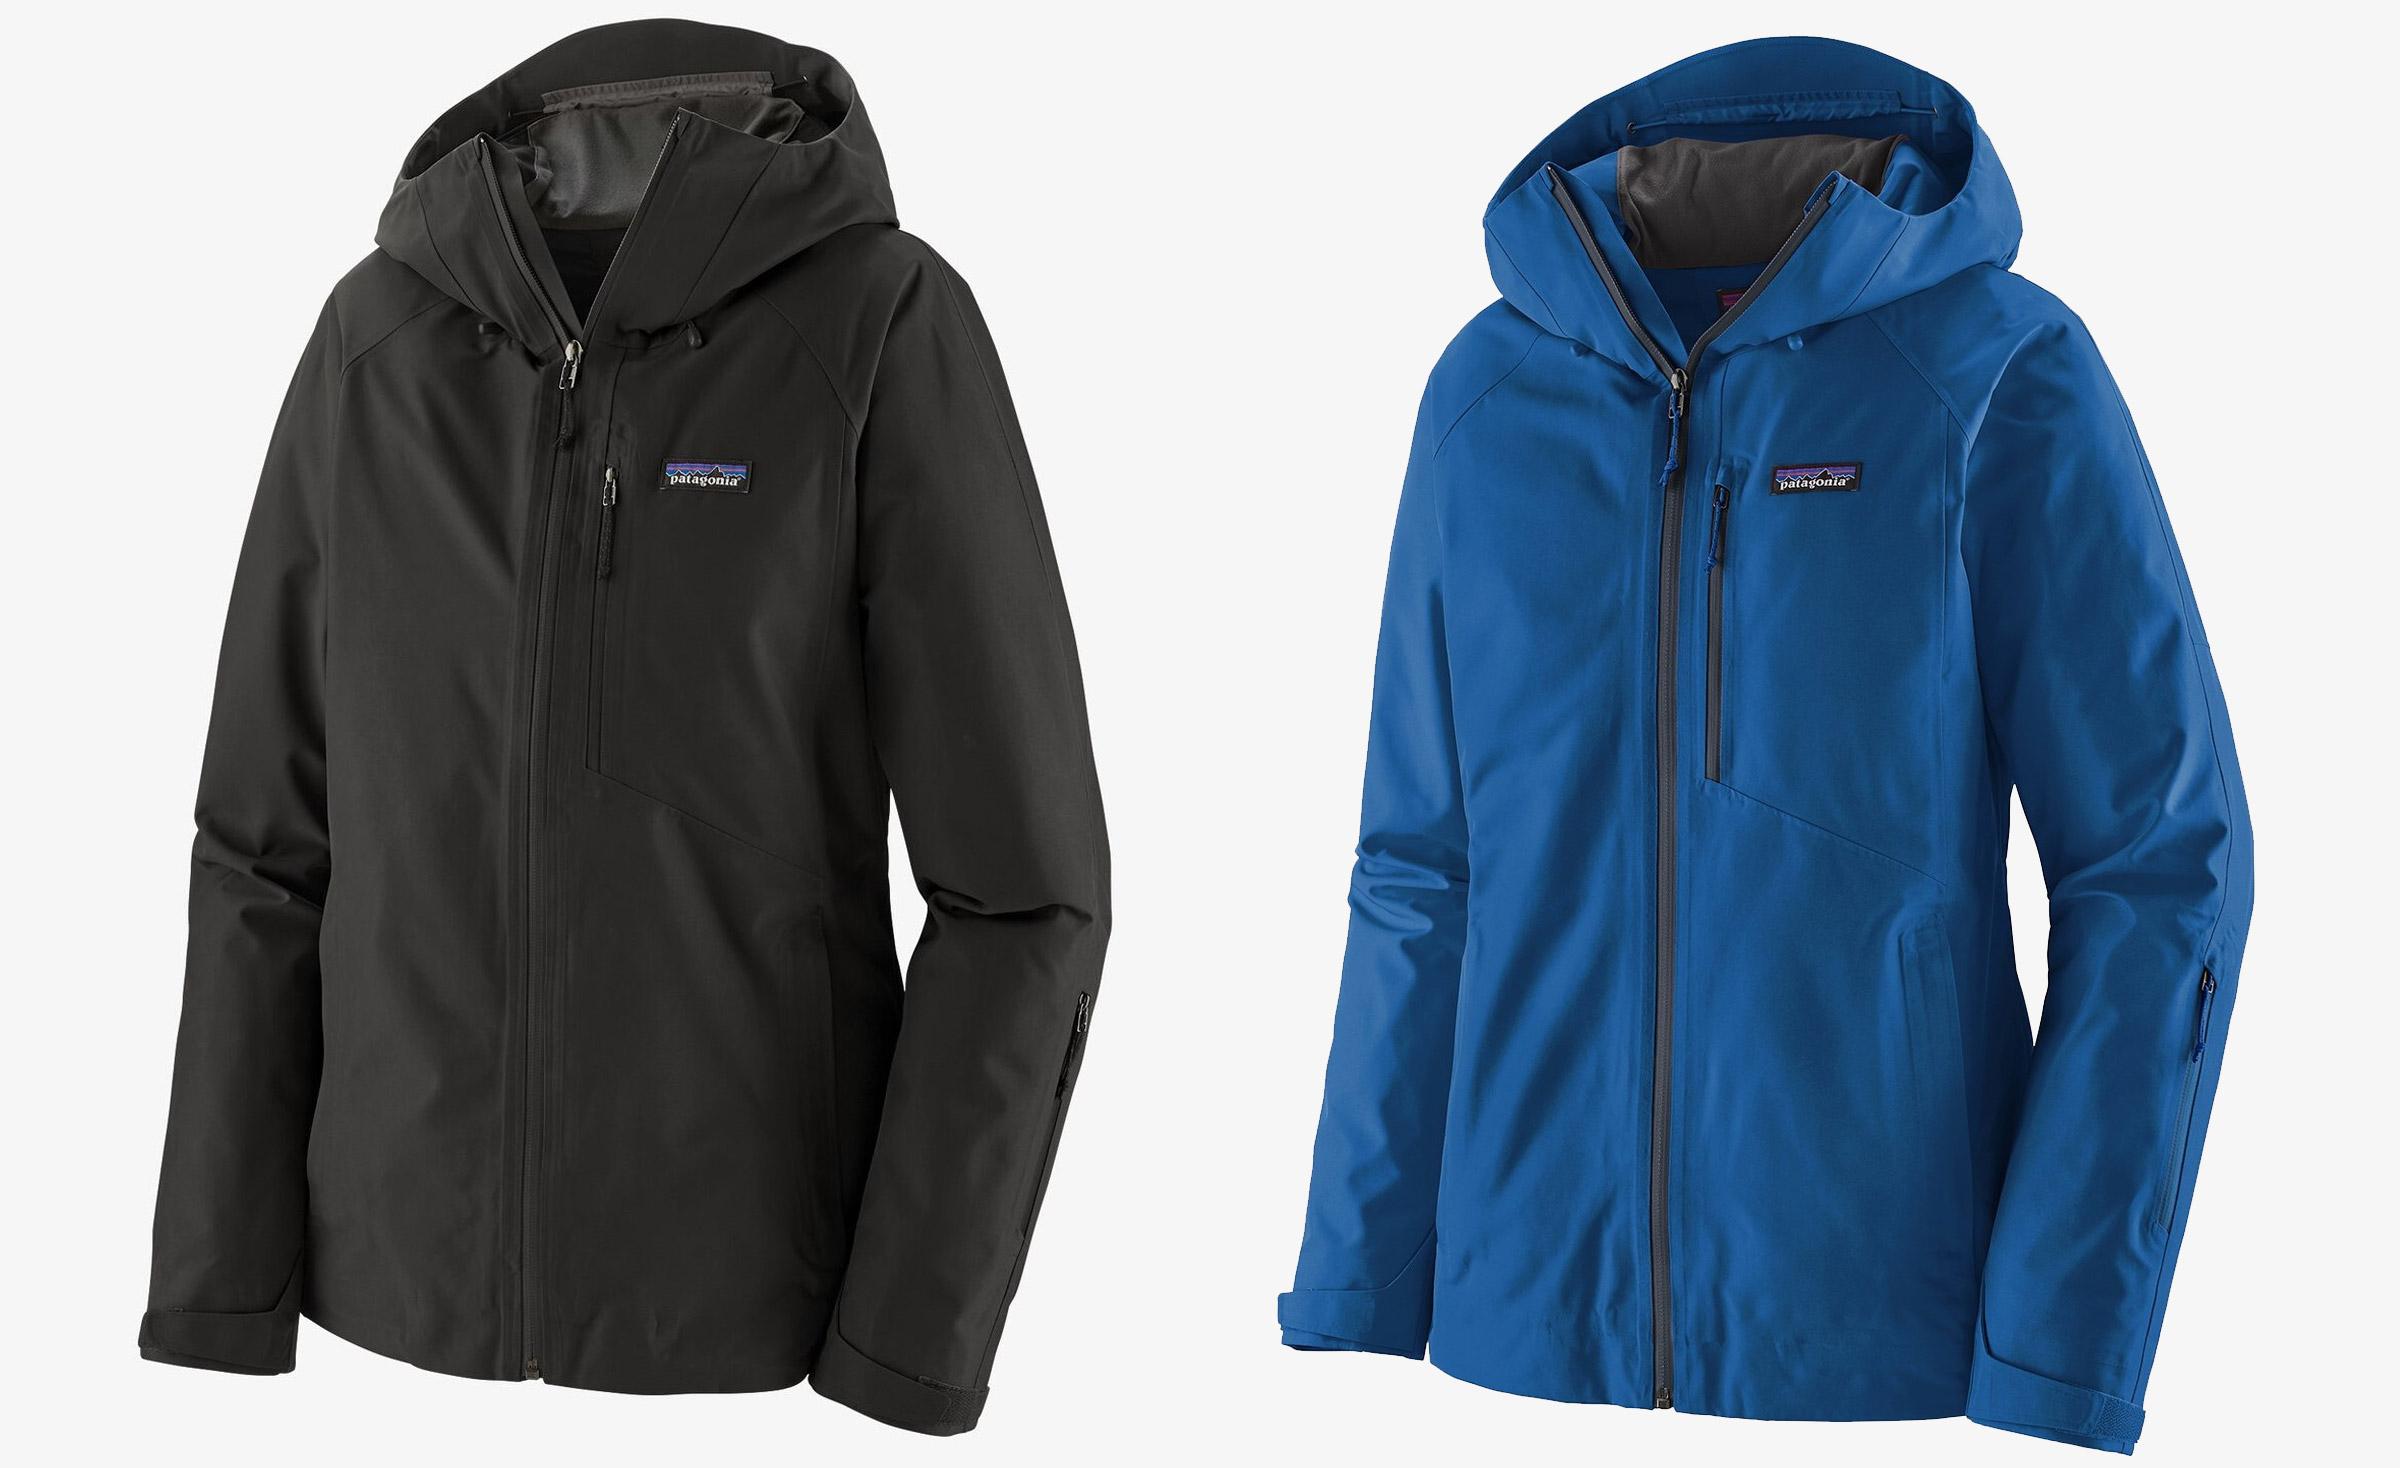 patagonia powder bowl jacket